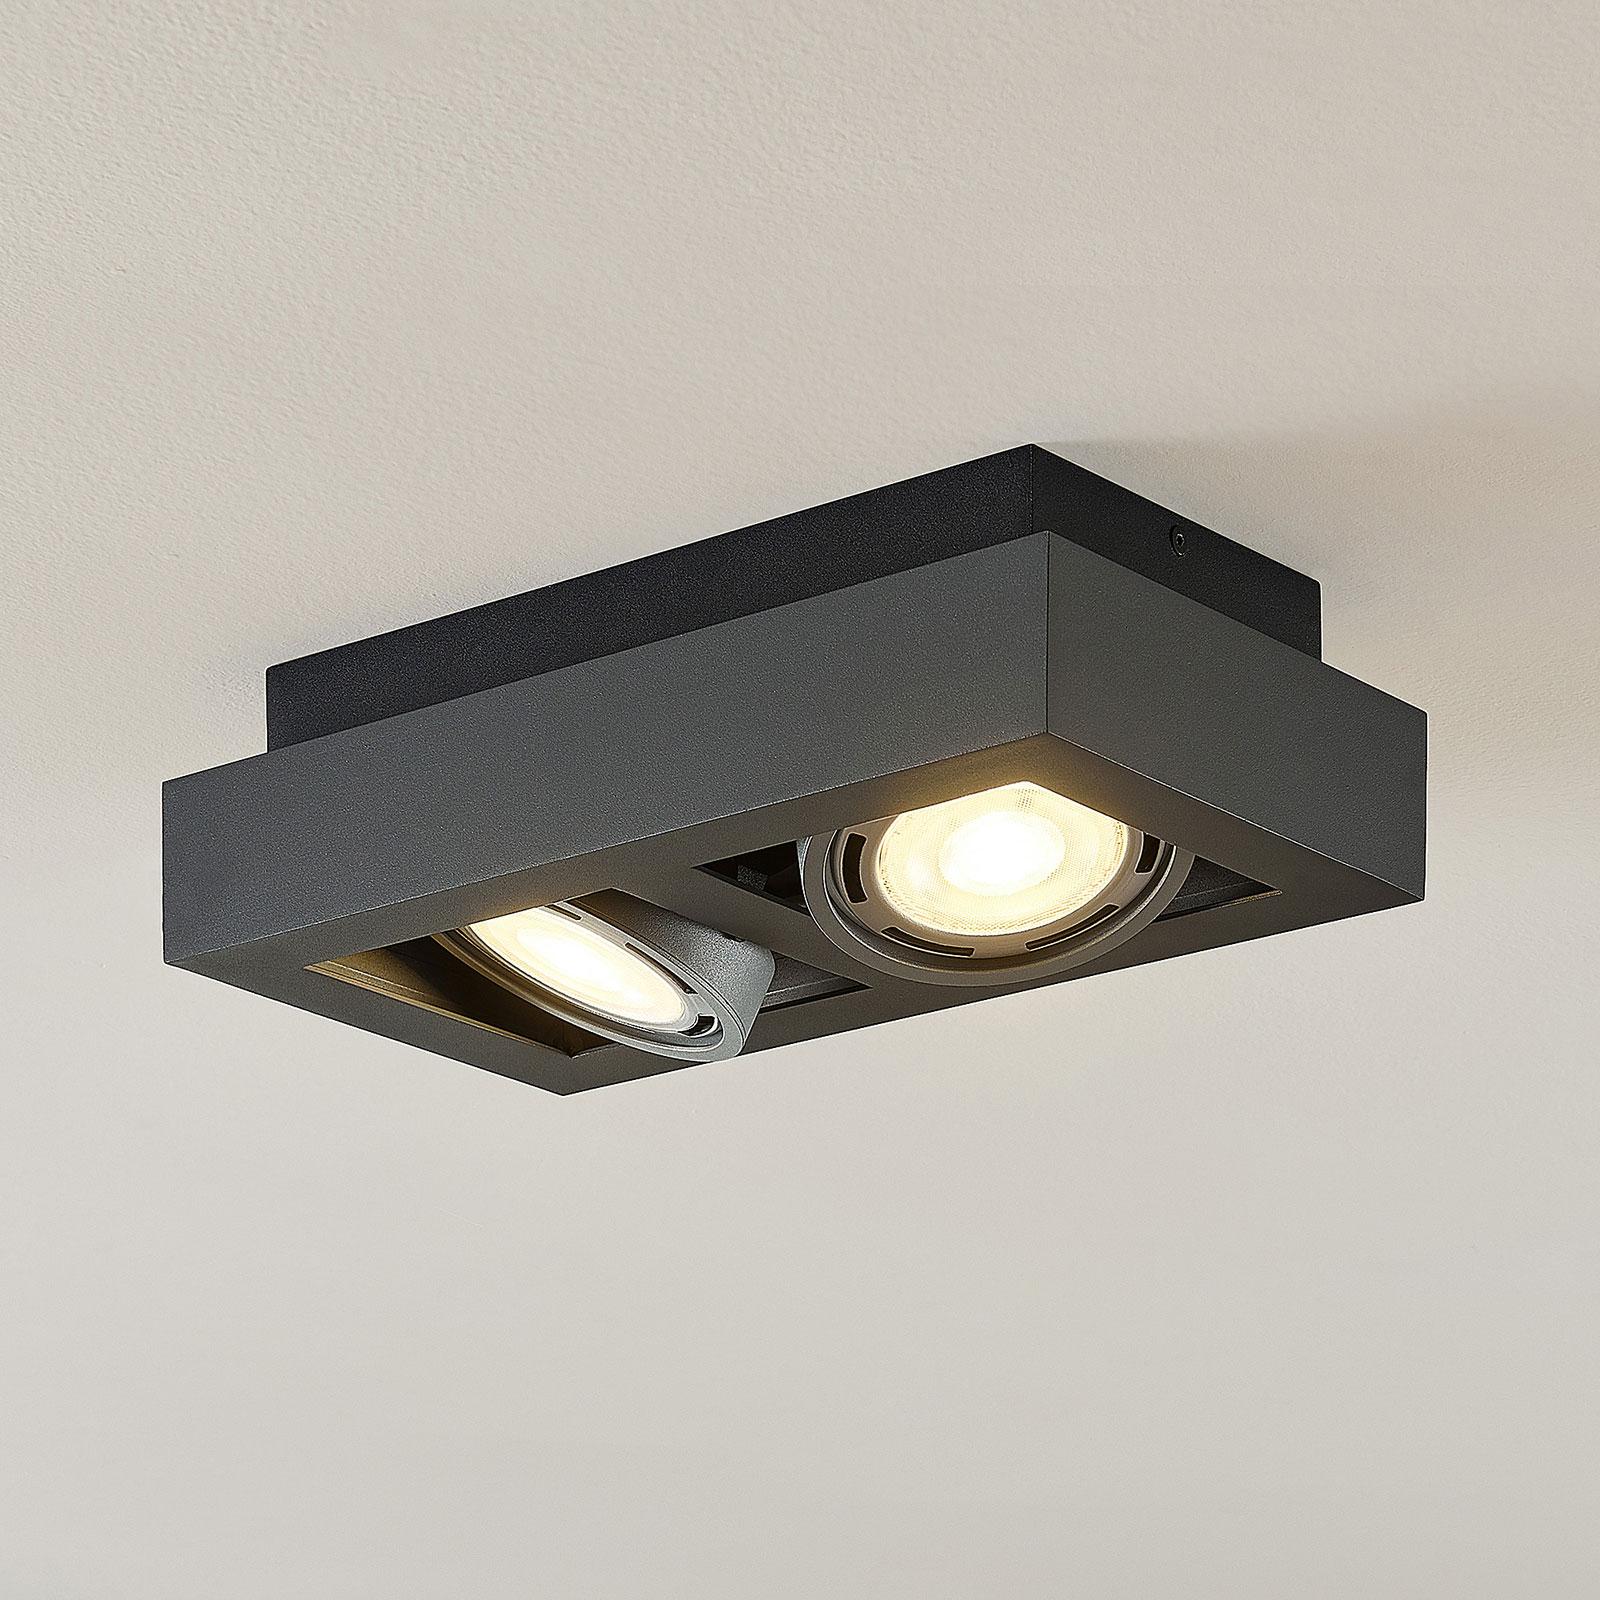 LED stropní osvětlení Ronka, GU10, 2zdrojové šedé